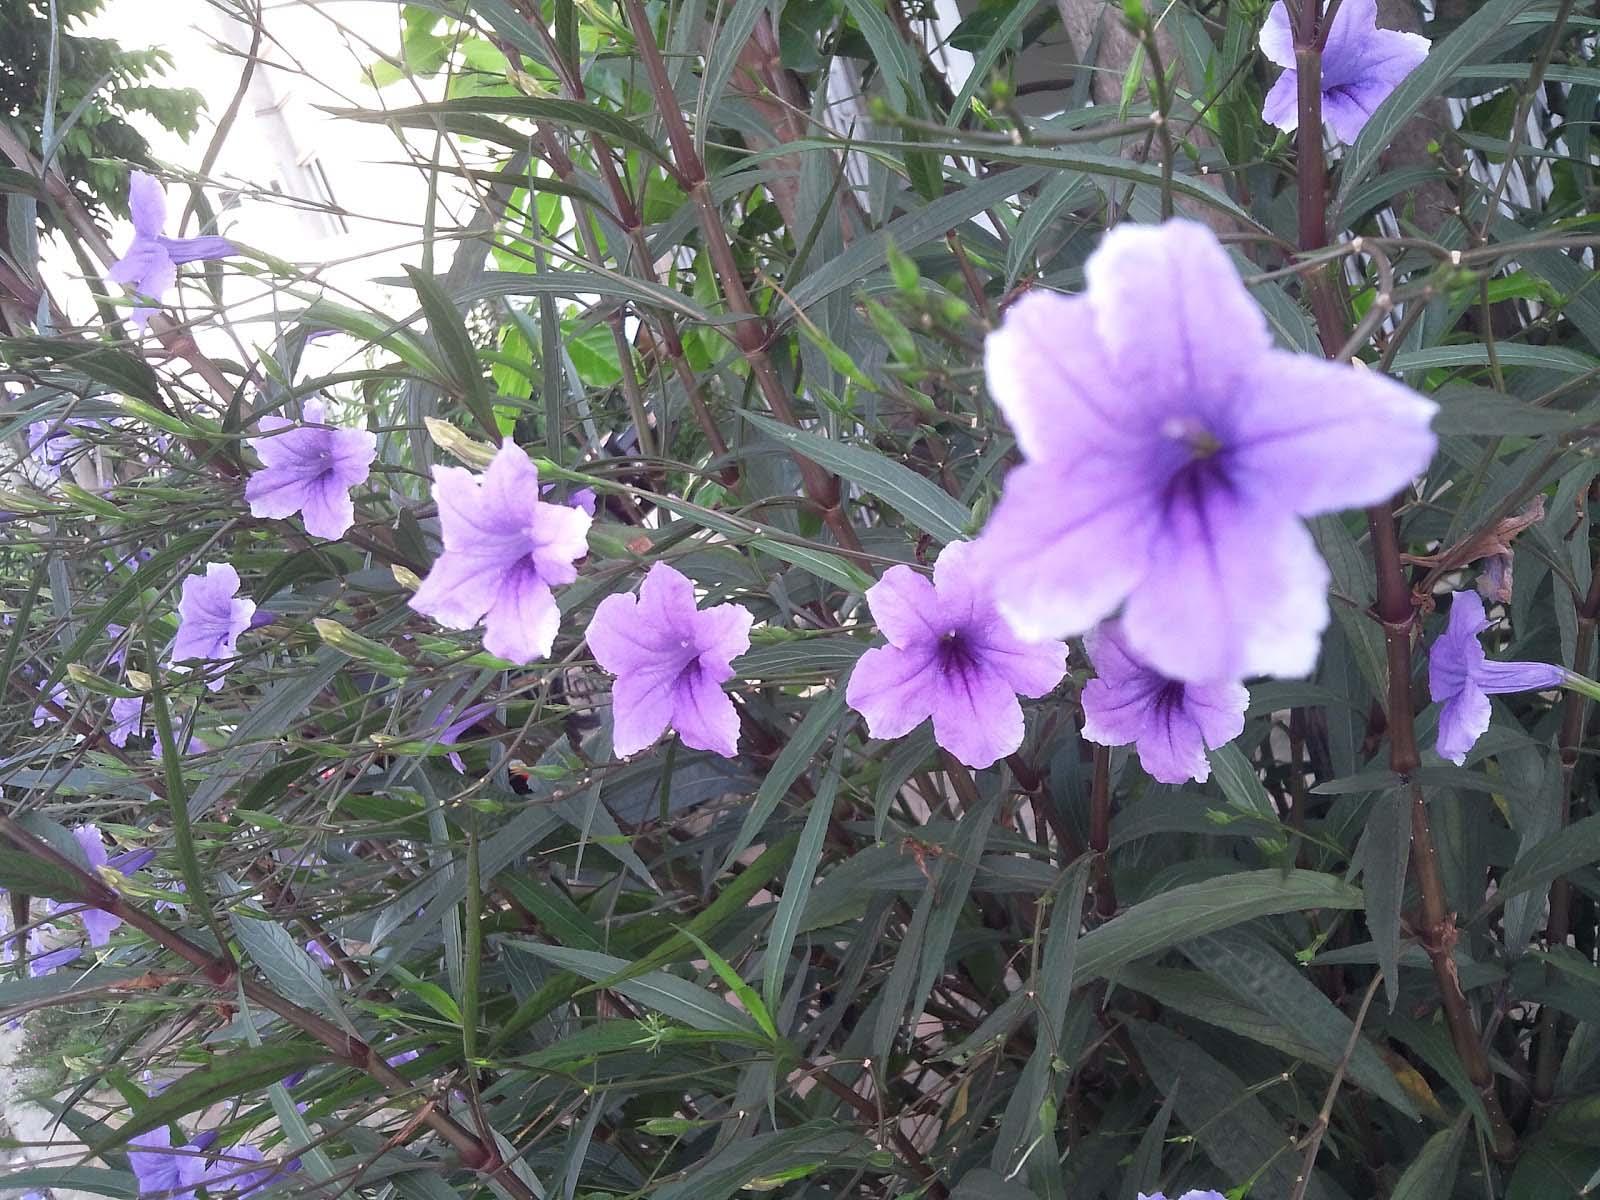 Hình ảnh hoa tím nhỏ đẹp